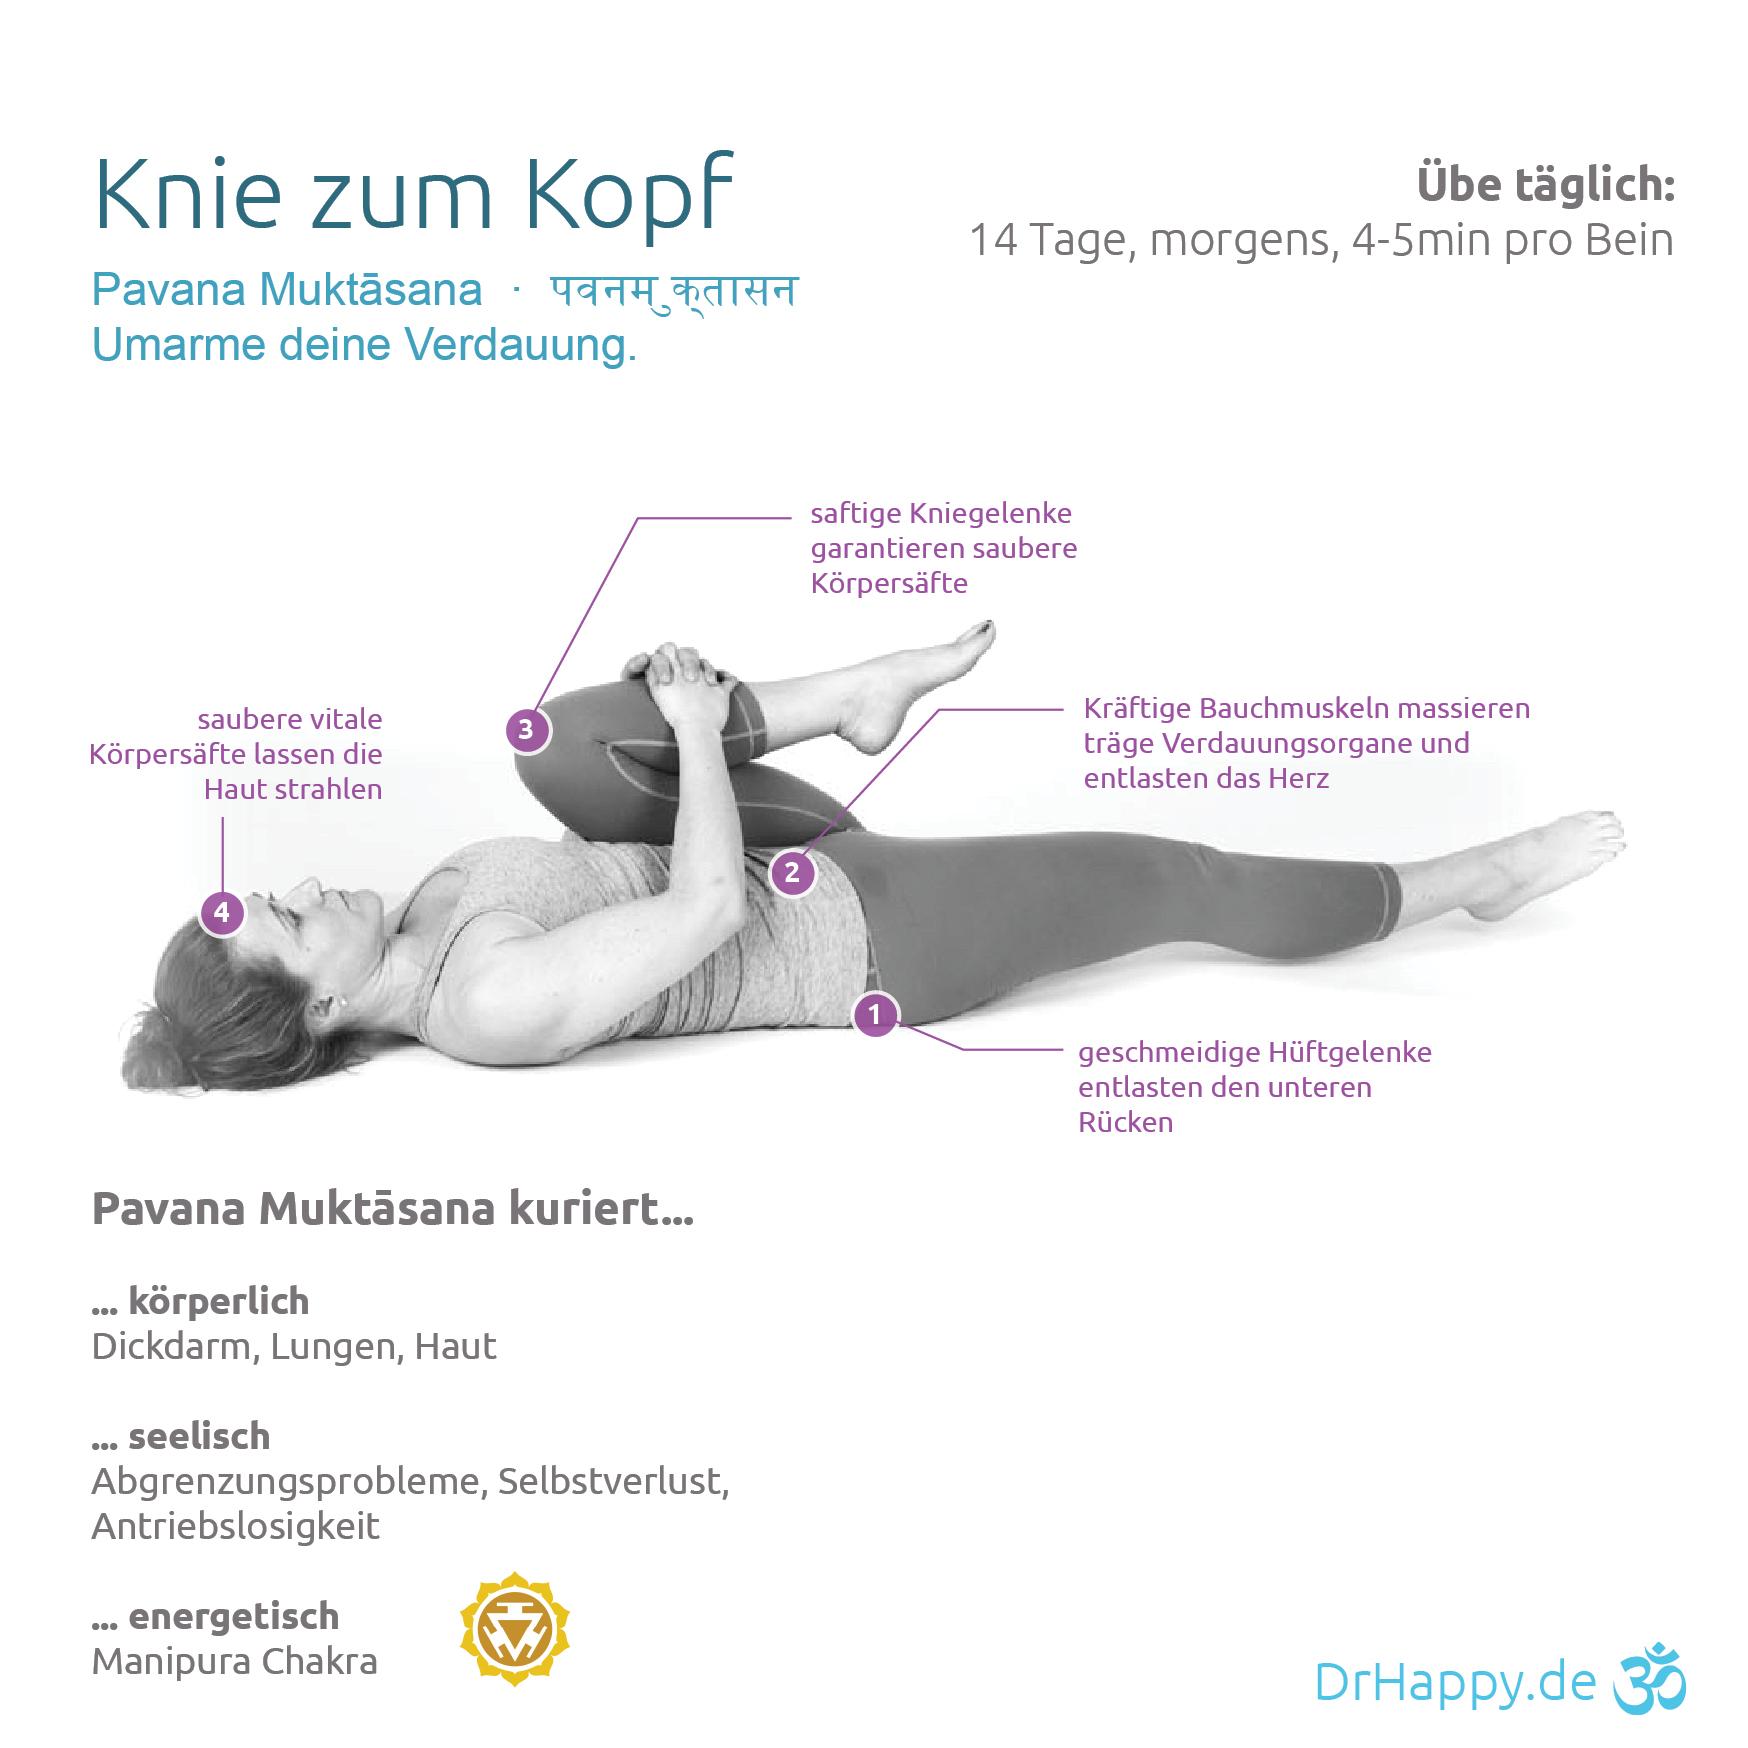 Yogauebung-Kopfkniepose-Pavana-Muktasana